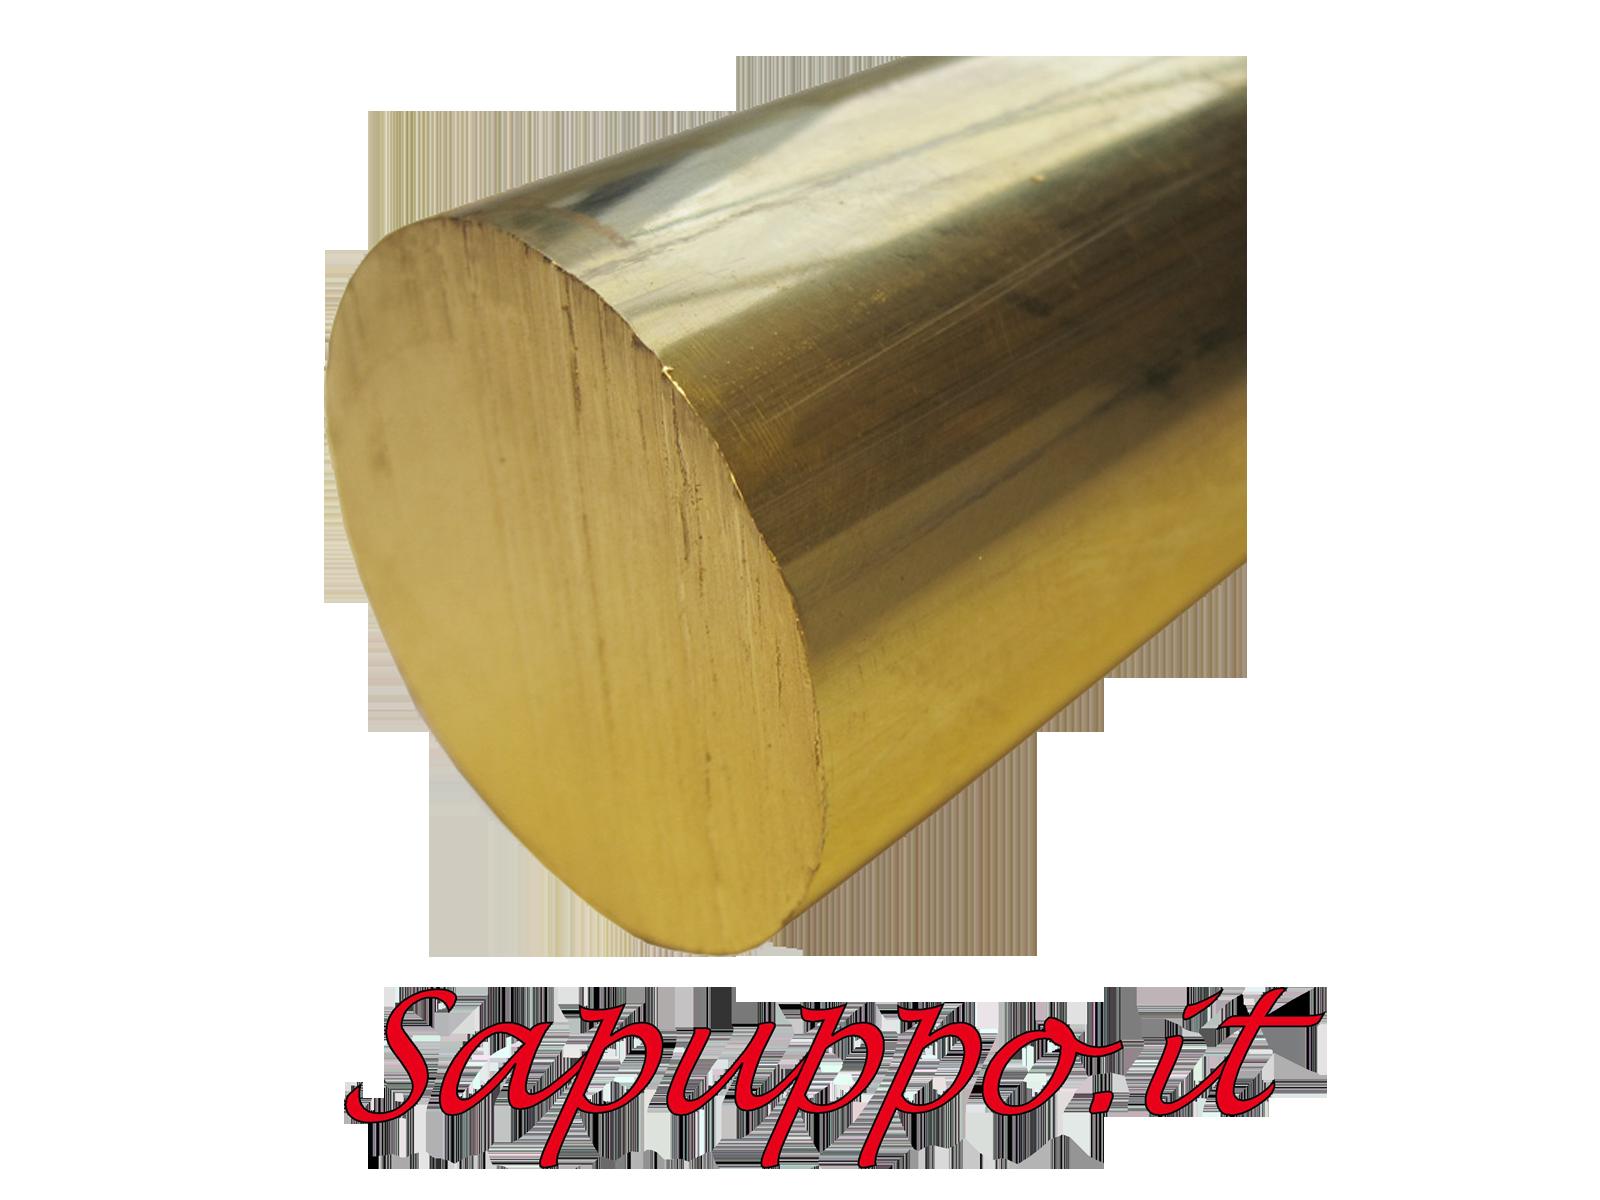 Barre di ottone sezione tonda piene for Quotazione barra ottone